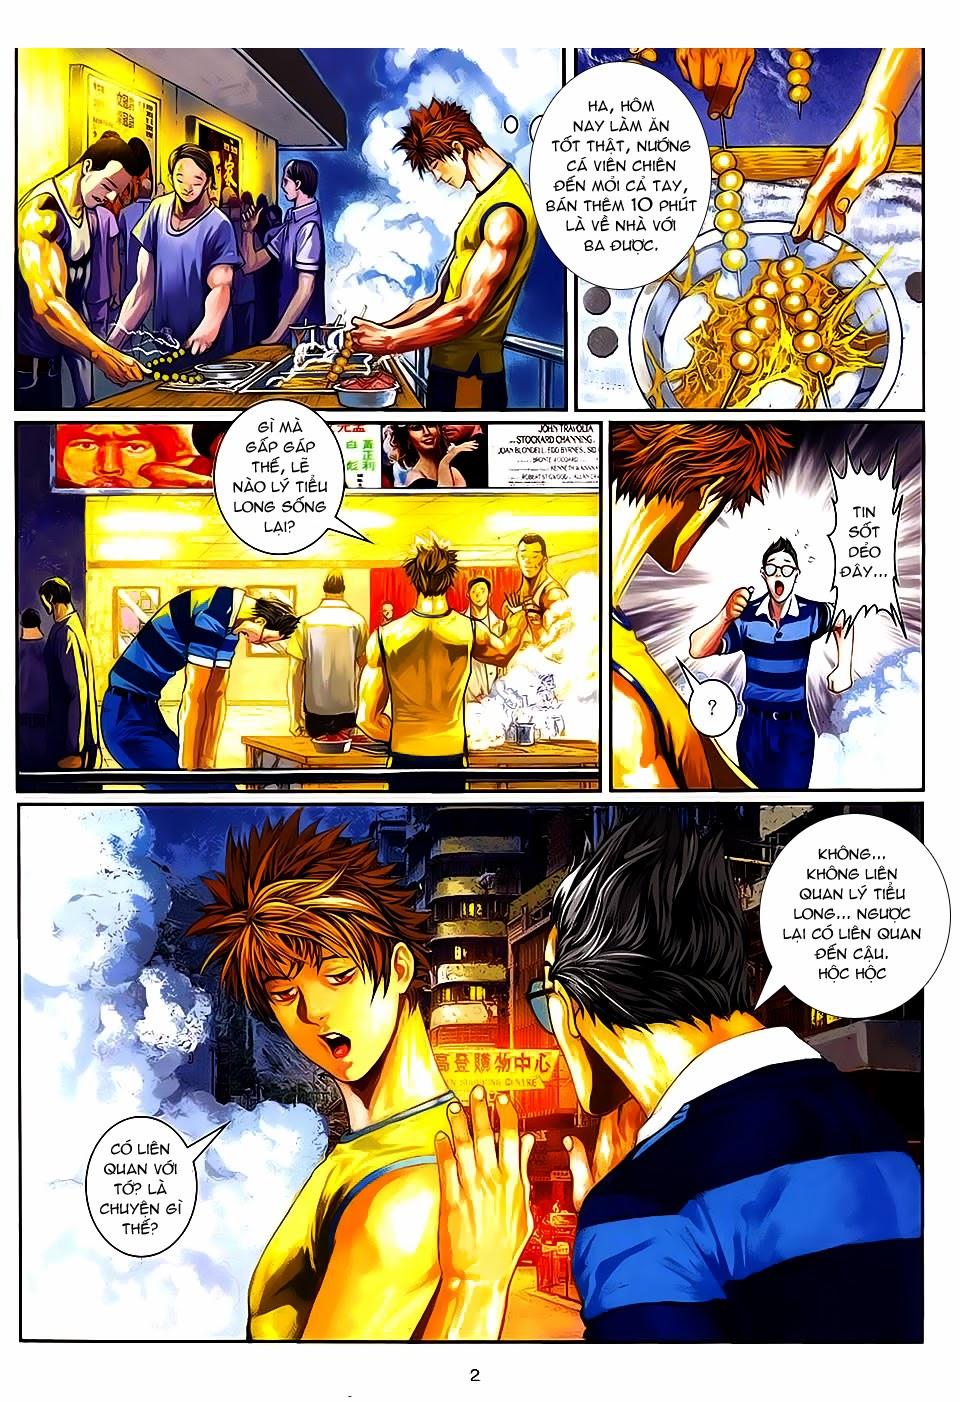 Quyền Đạo chapter 7 trang 2